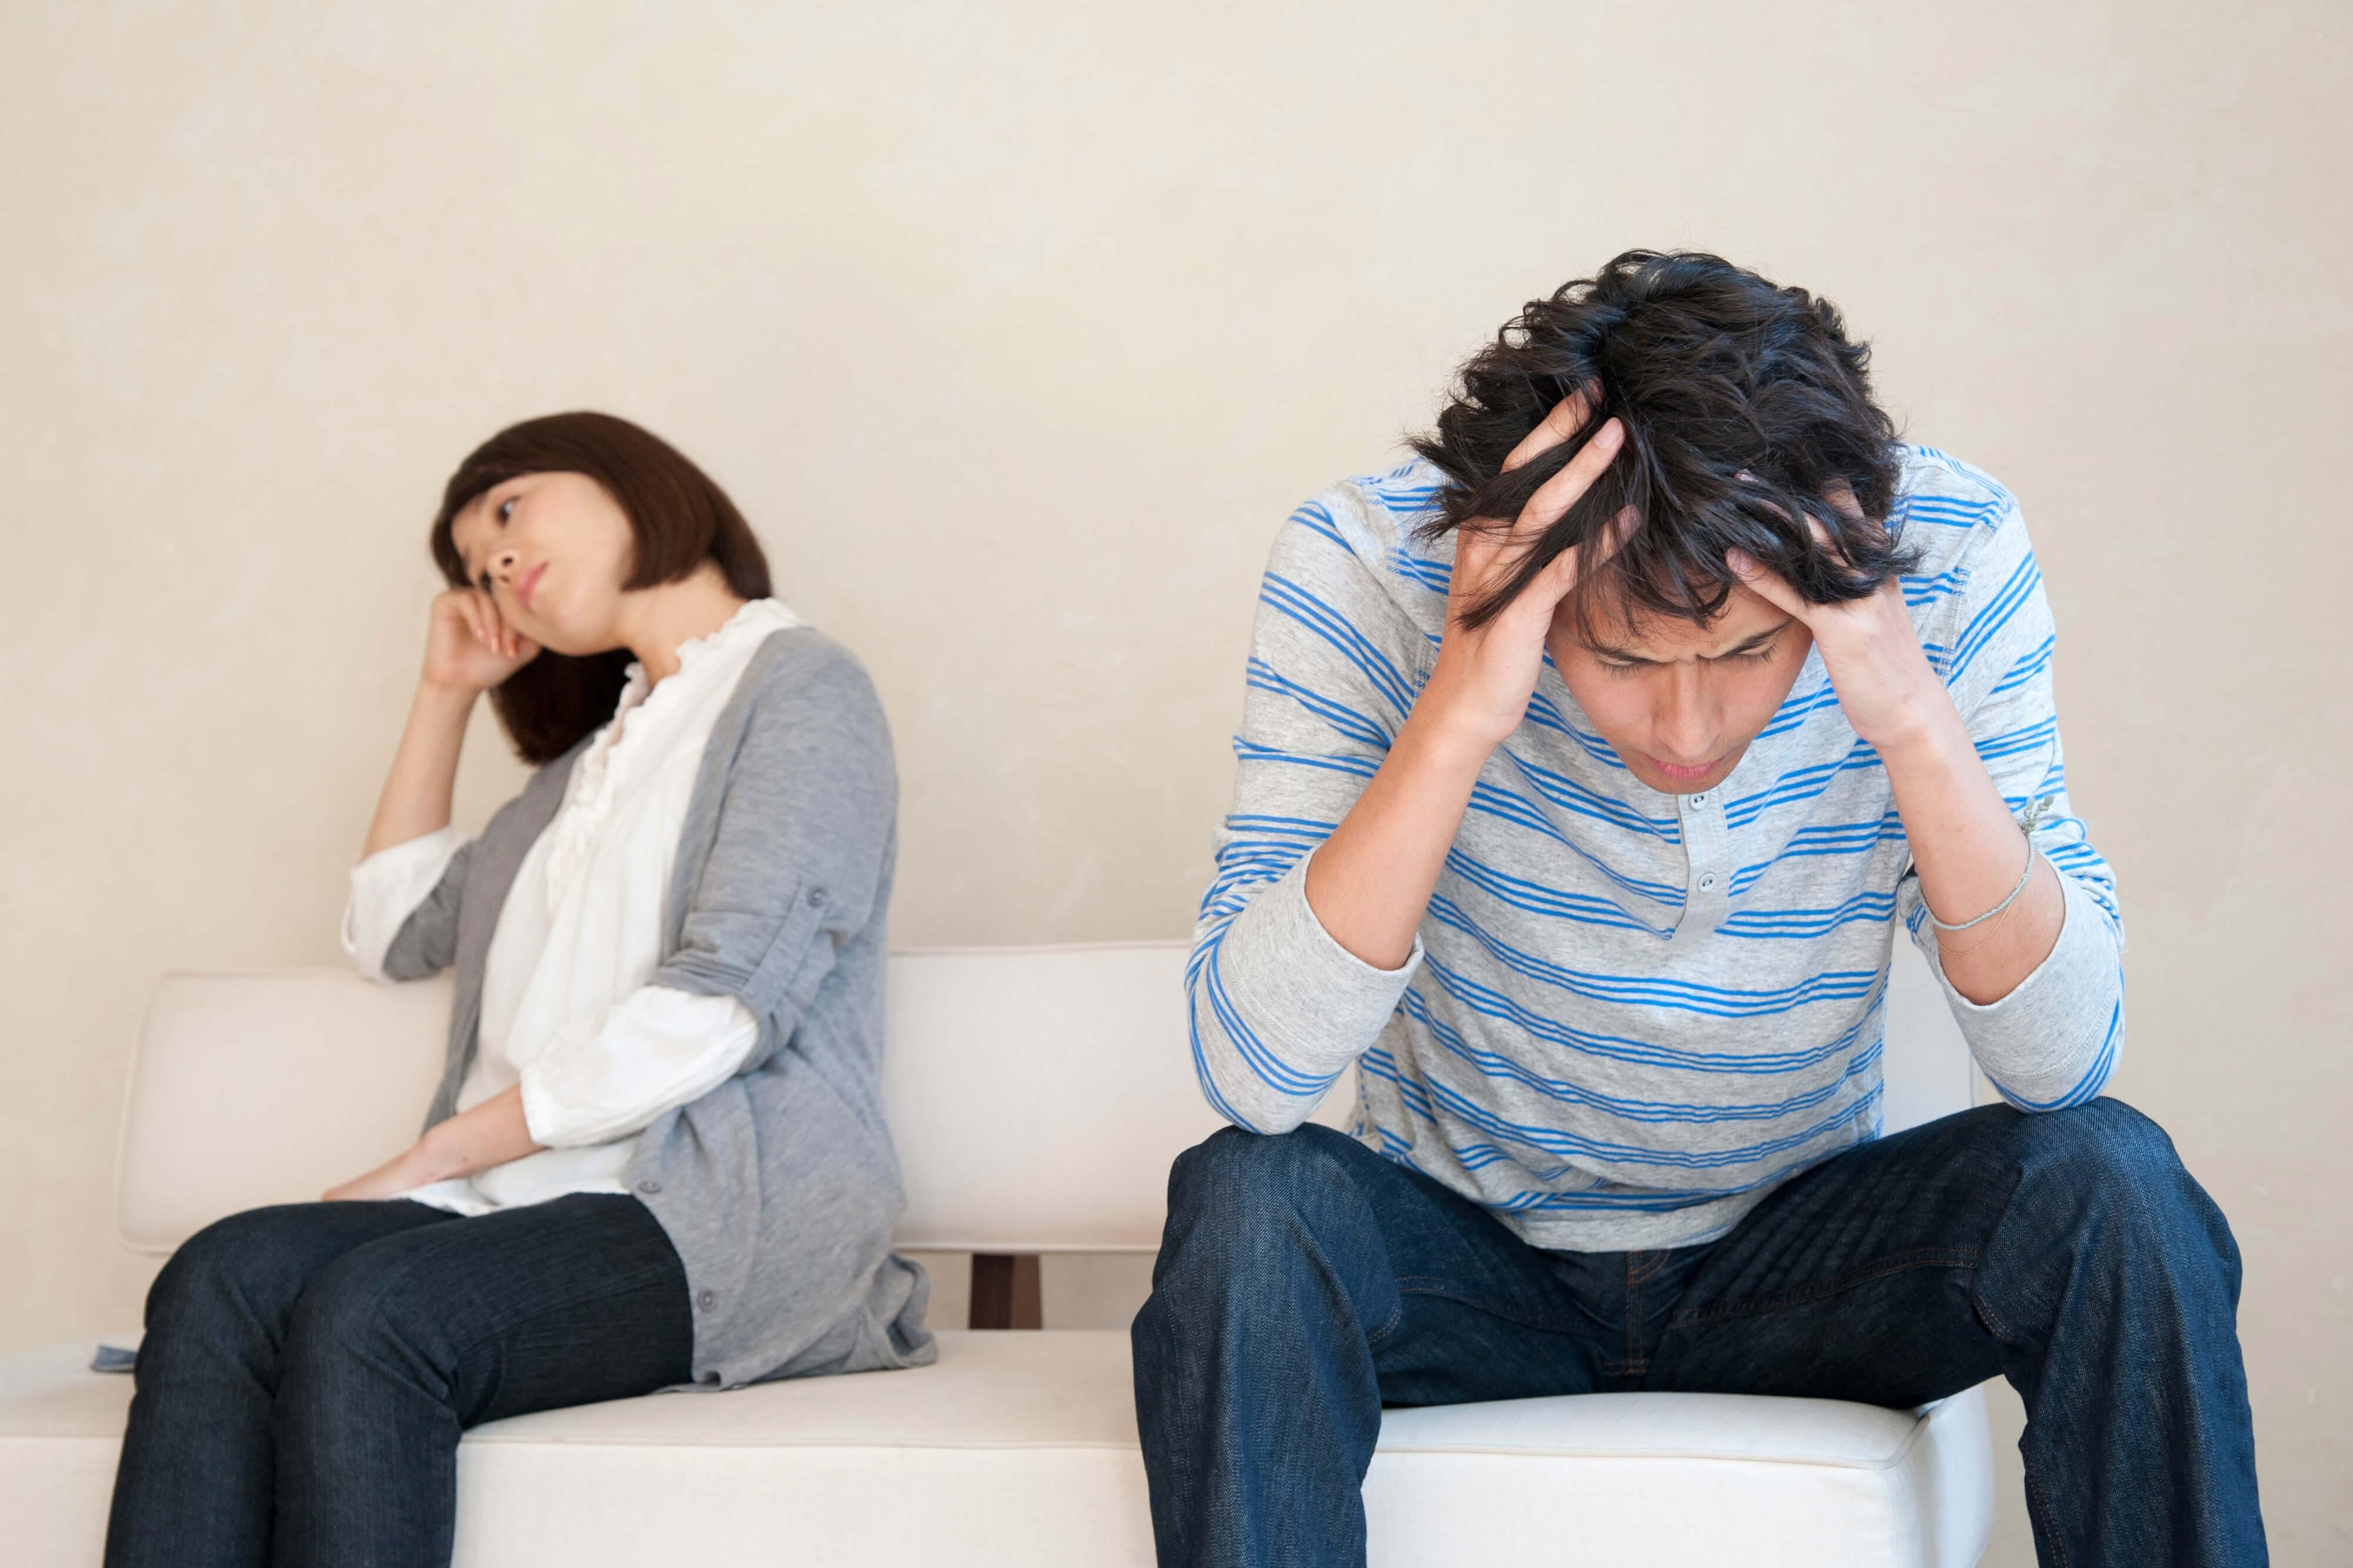 【調査】妊娠中の夫婦間のトラブルとは?奥さんの本音を調査!